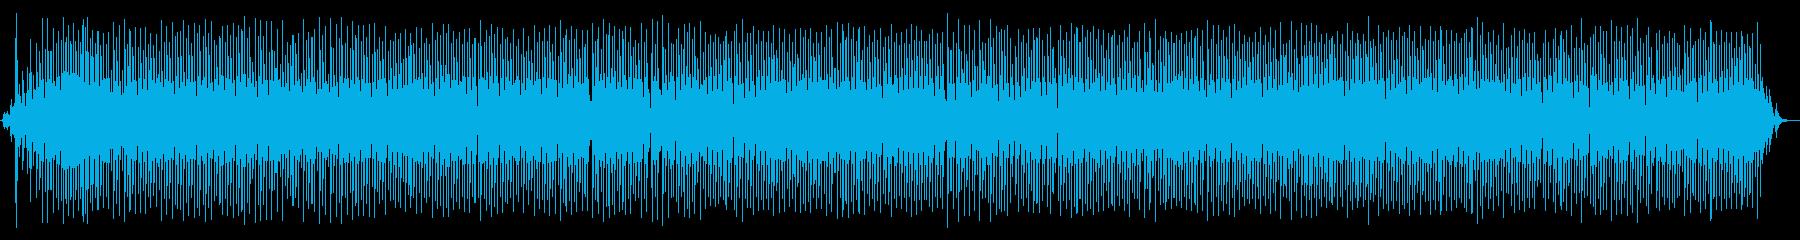 ハーレーダビッドソンモーターサイク...の再生済みの波形